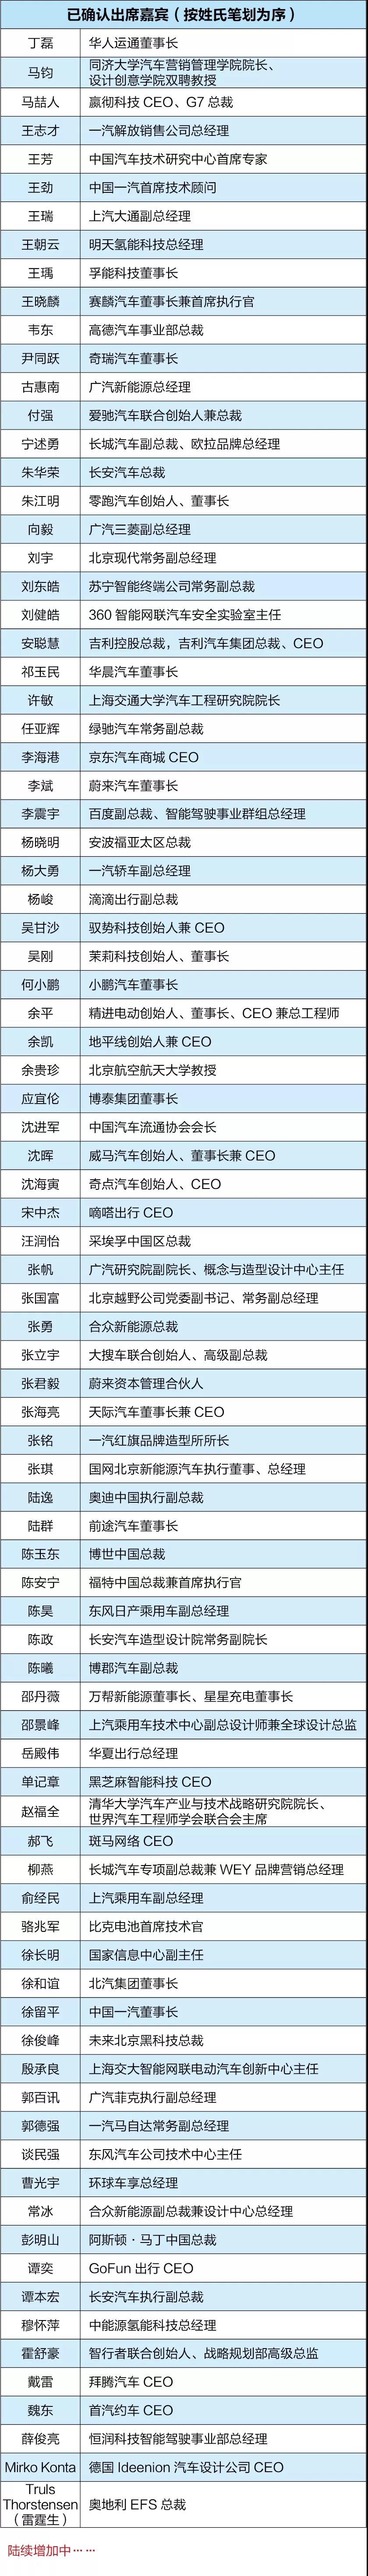 第十一届中国汽车蓝皮书论坛2019(北京)